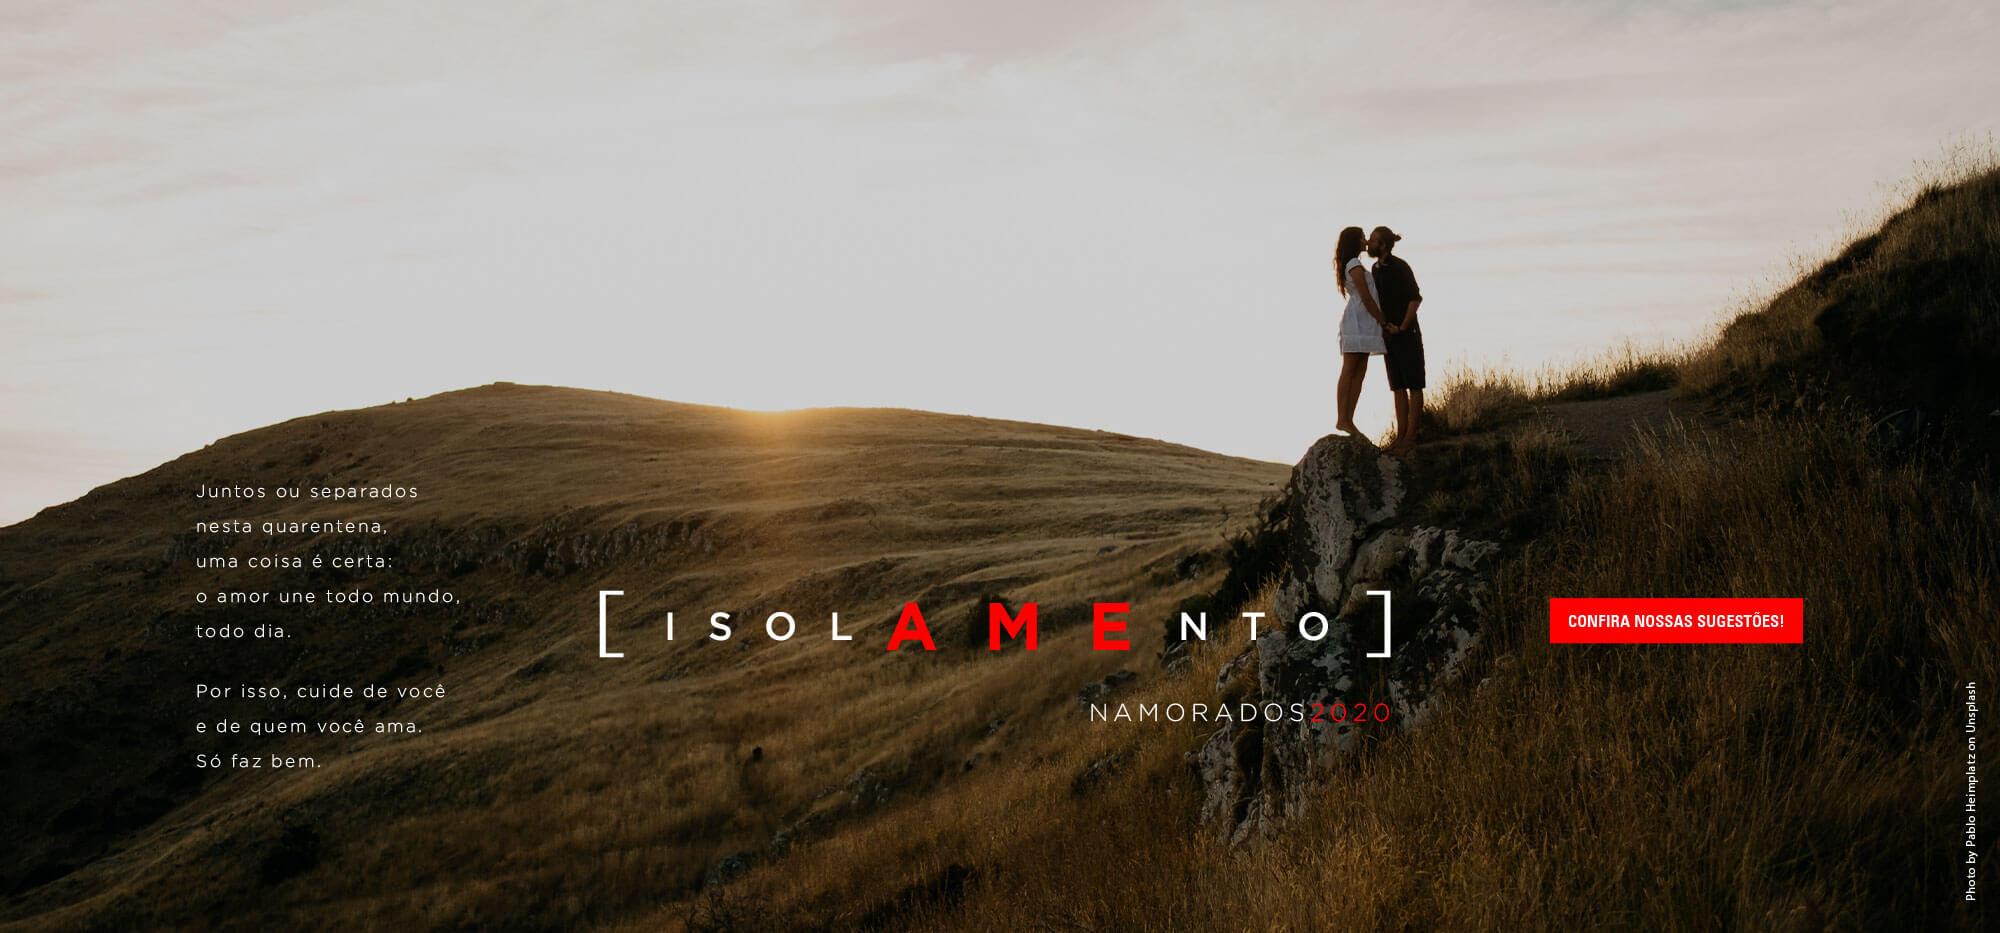 NAMORADOS D4 - ESCURO